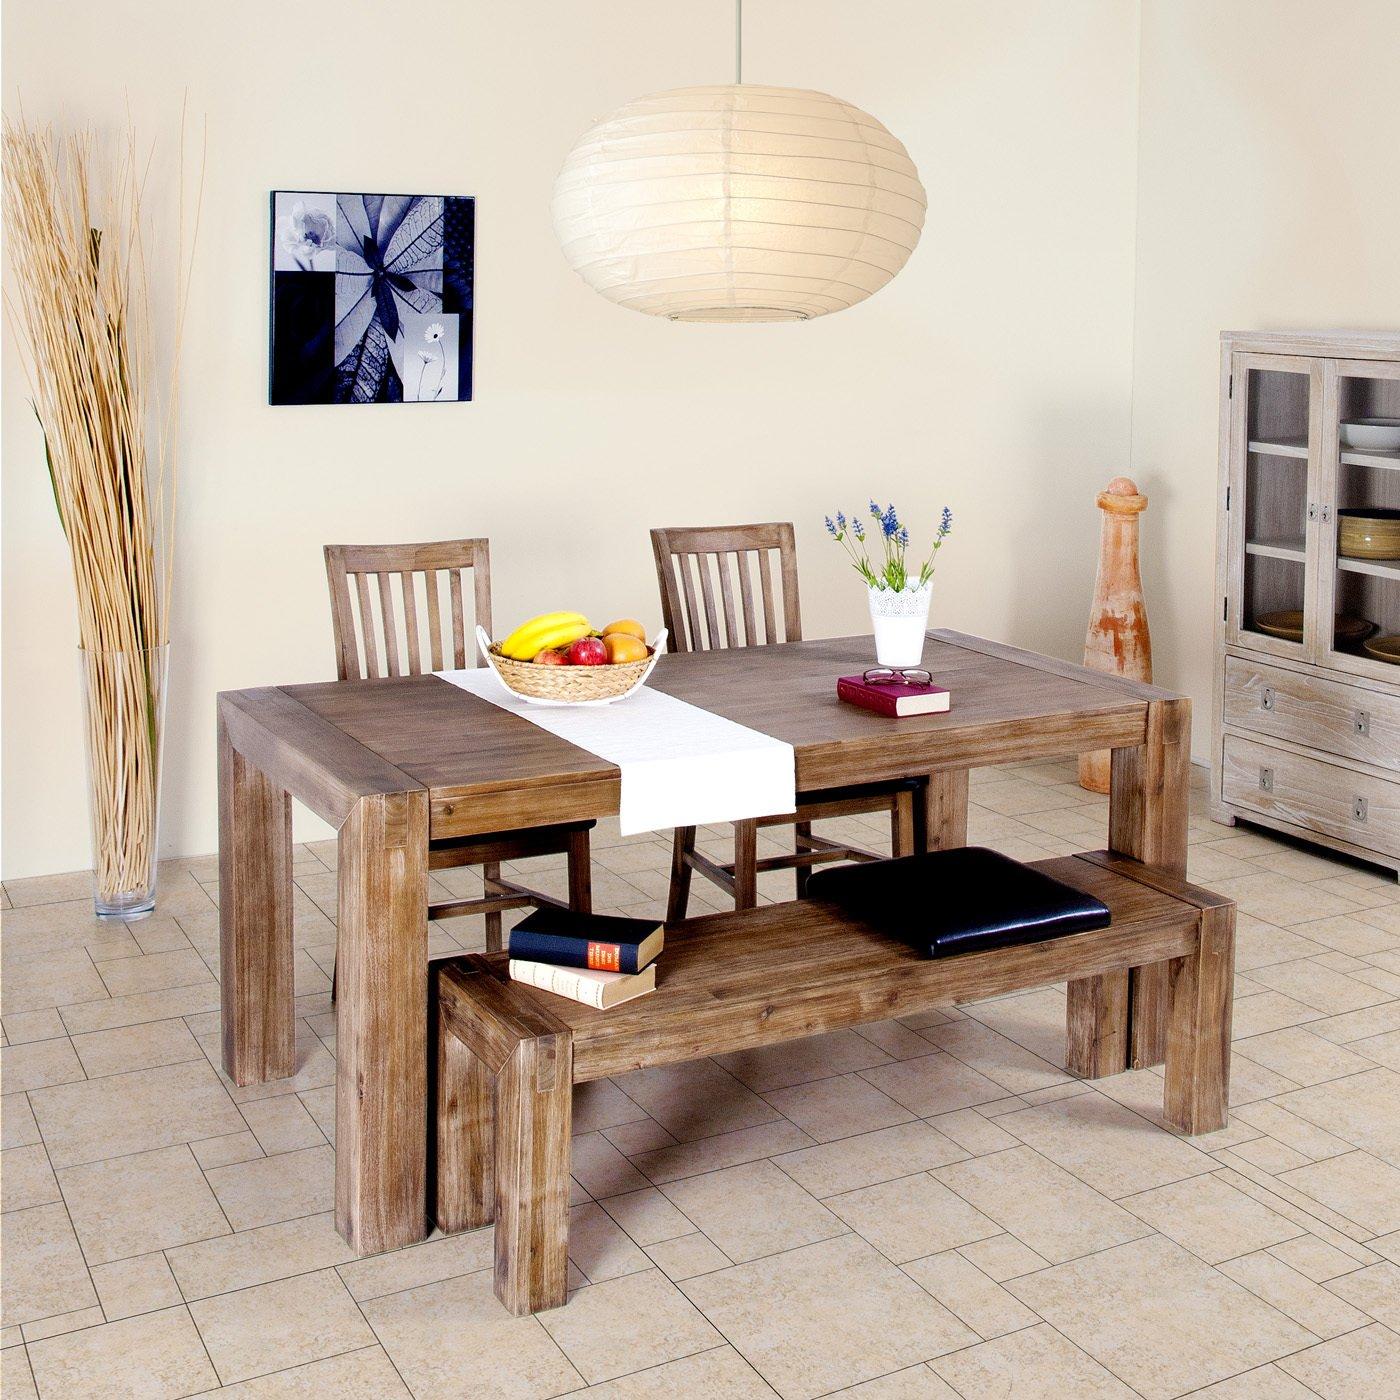 Esstisch Wohnzimmertisch Tisch Massivholz 200x100 Cm Massivholztisch Amazonde Kche Haushalt